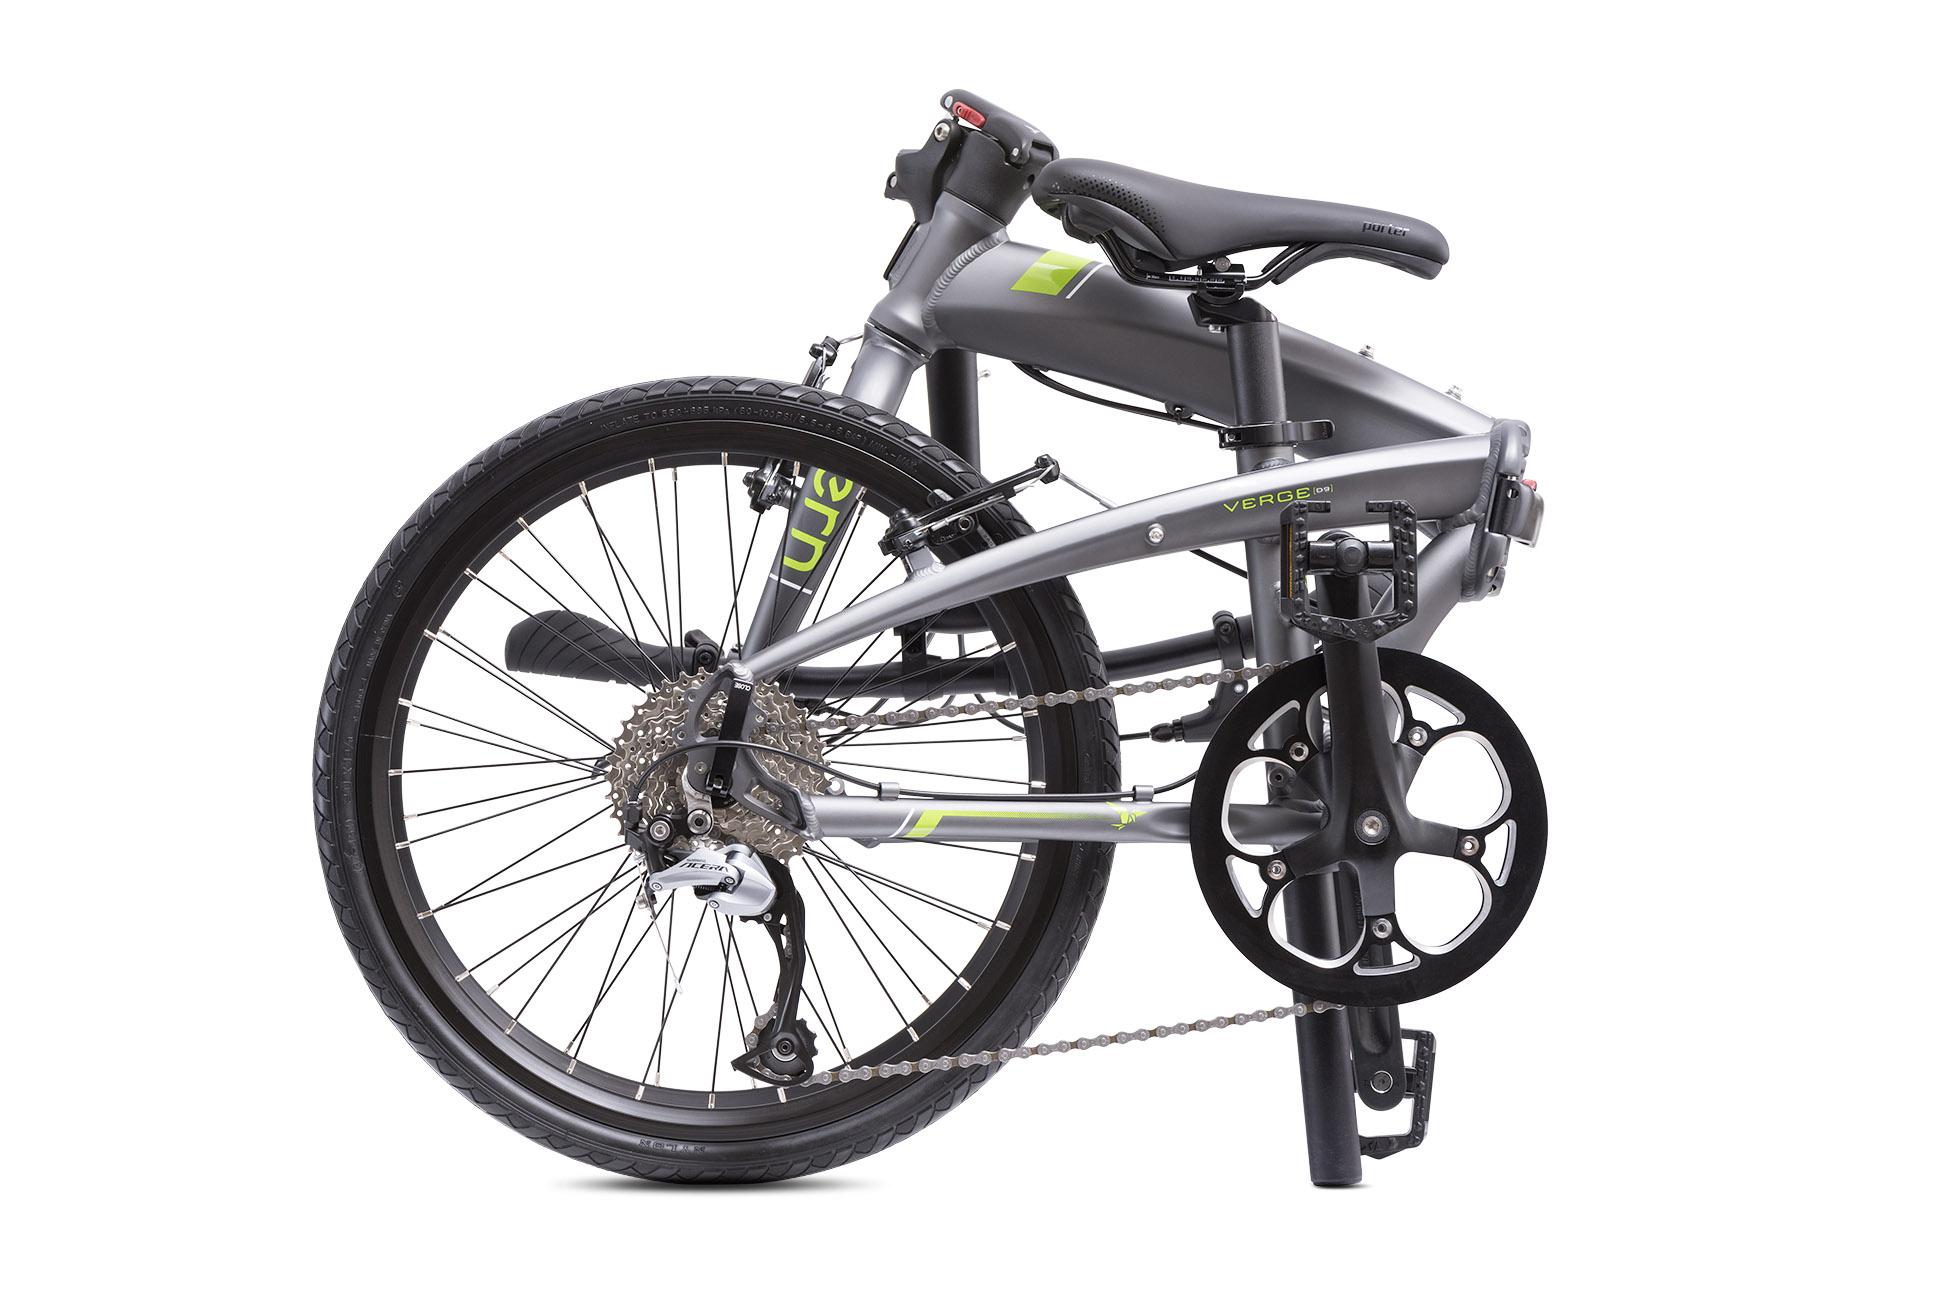 Bici Pieghevole Tern Link P9.Tern Verge D9 La Stazione Delle Biciclette